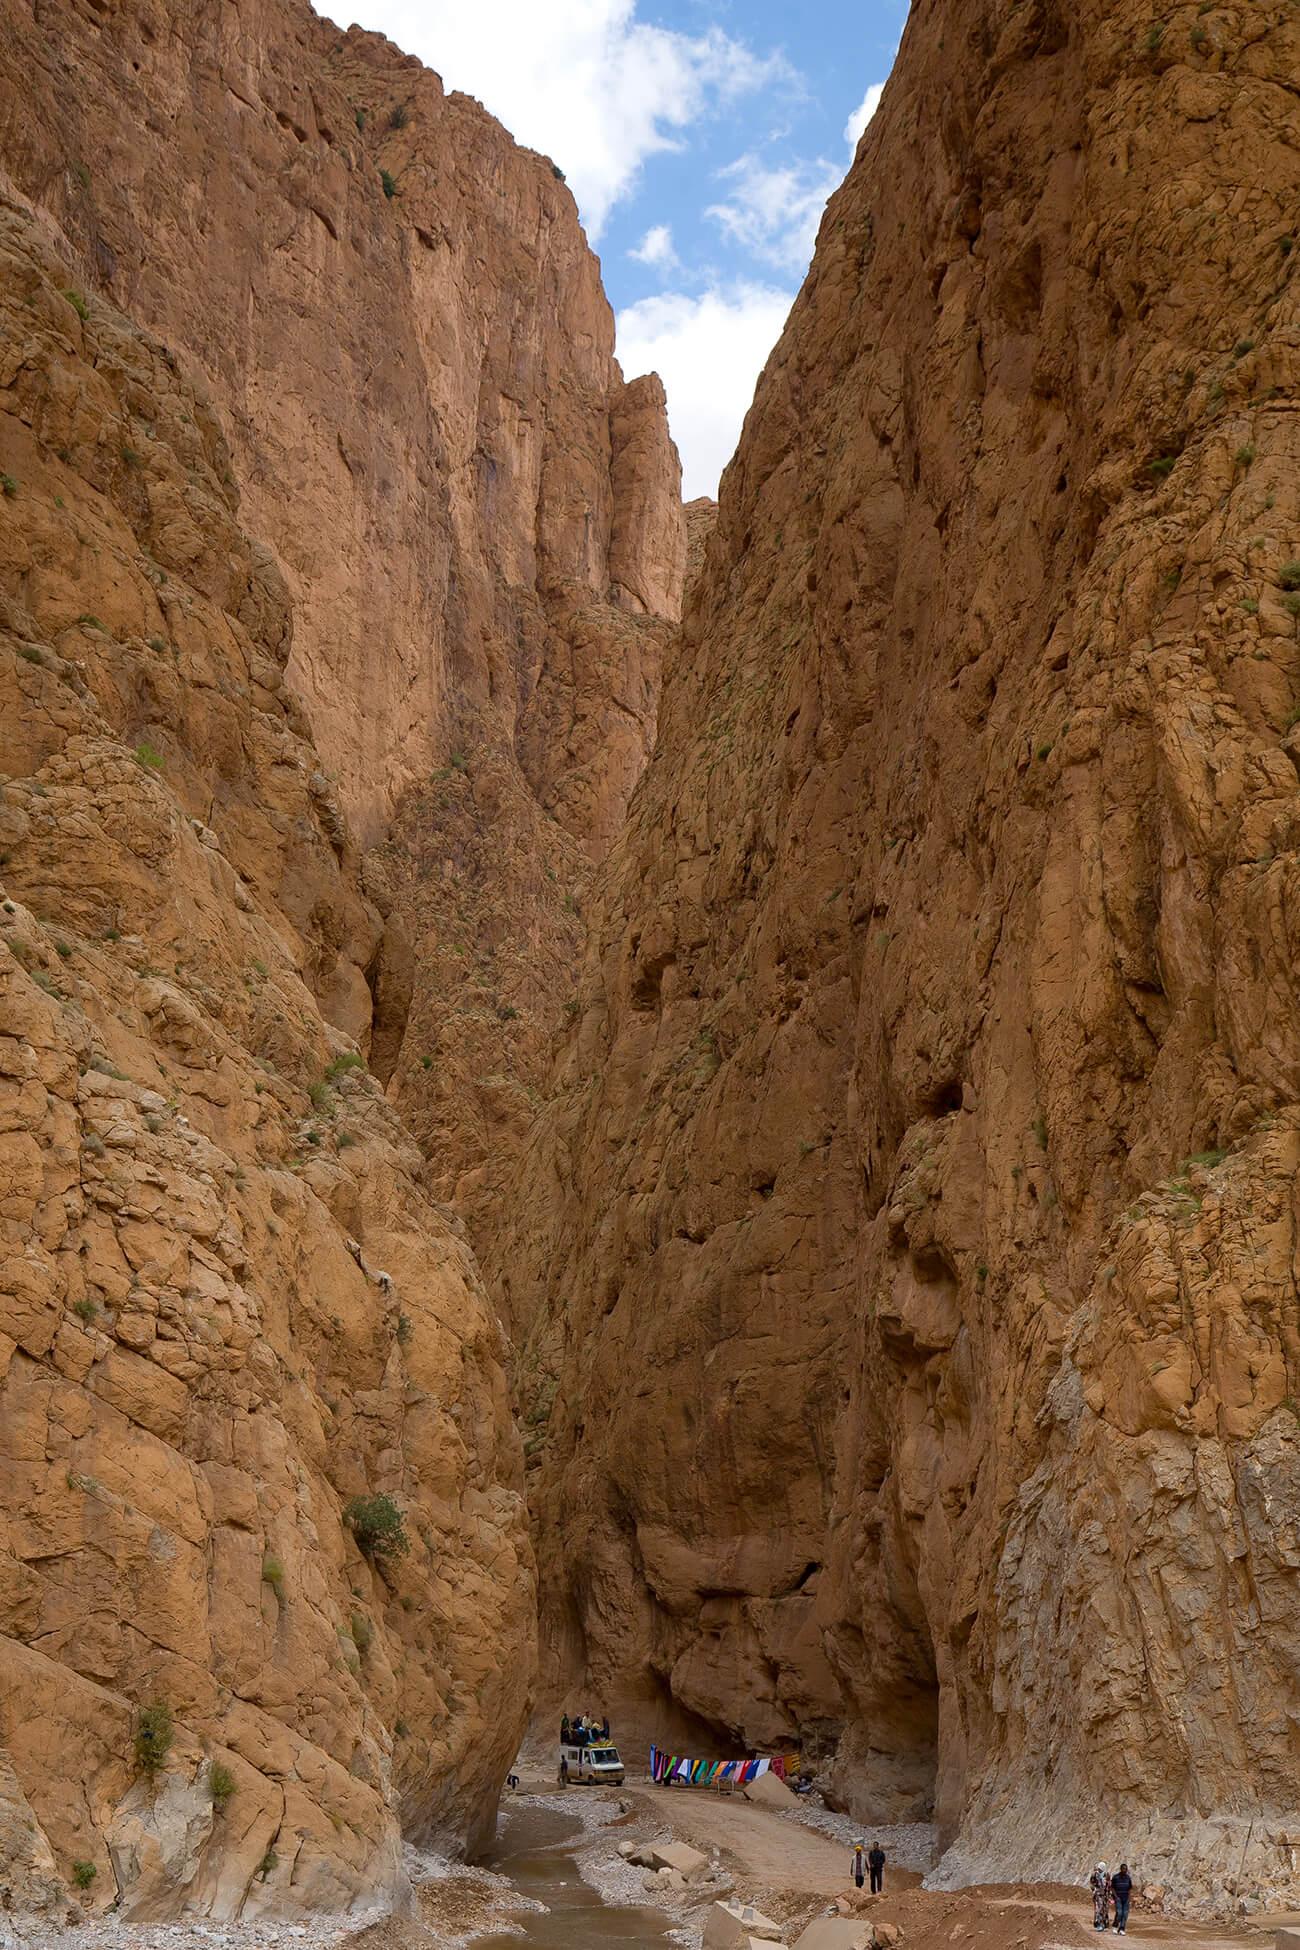 Five Amazing Adventure Activities in Morocco - Rock Climbing in Todra Gorge